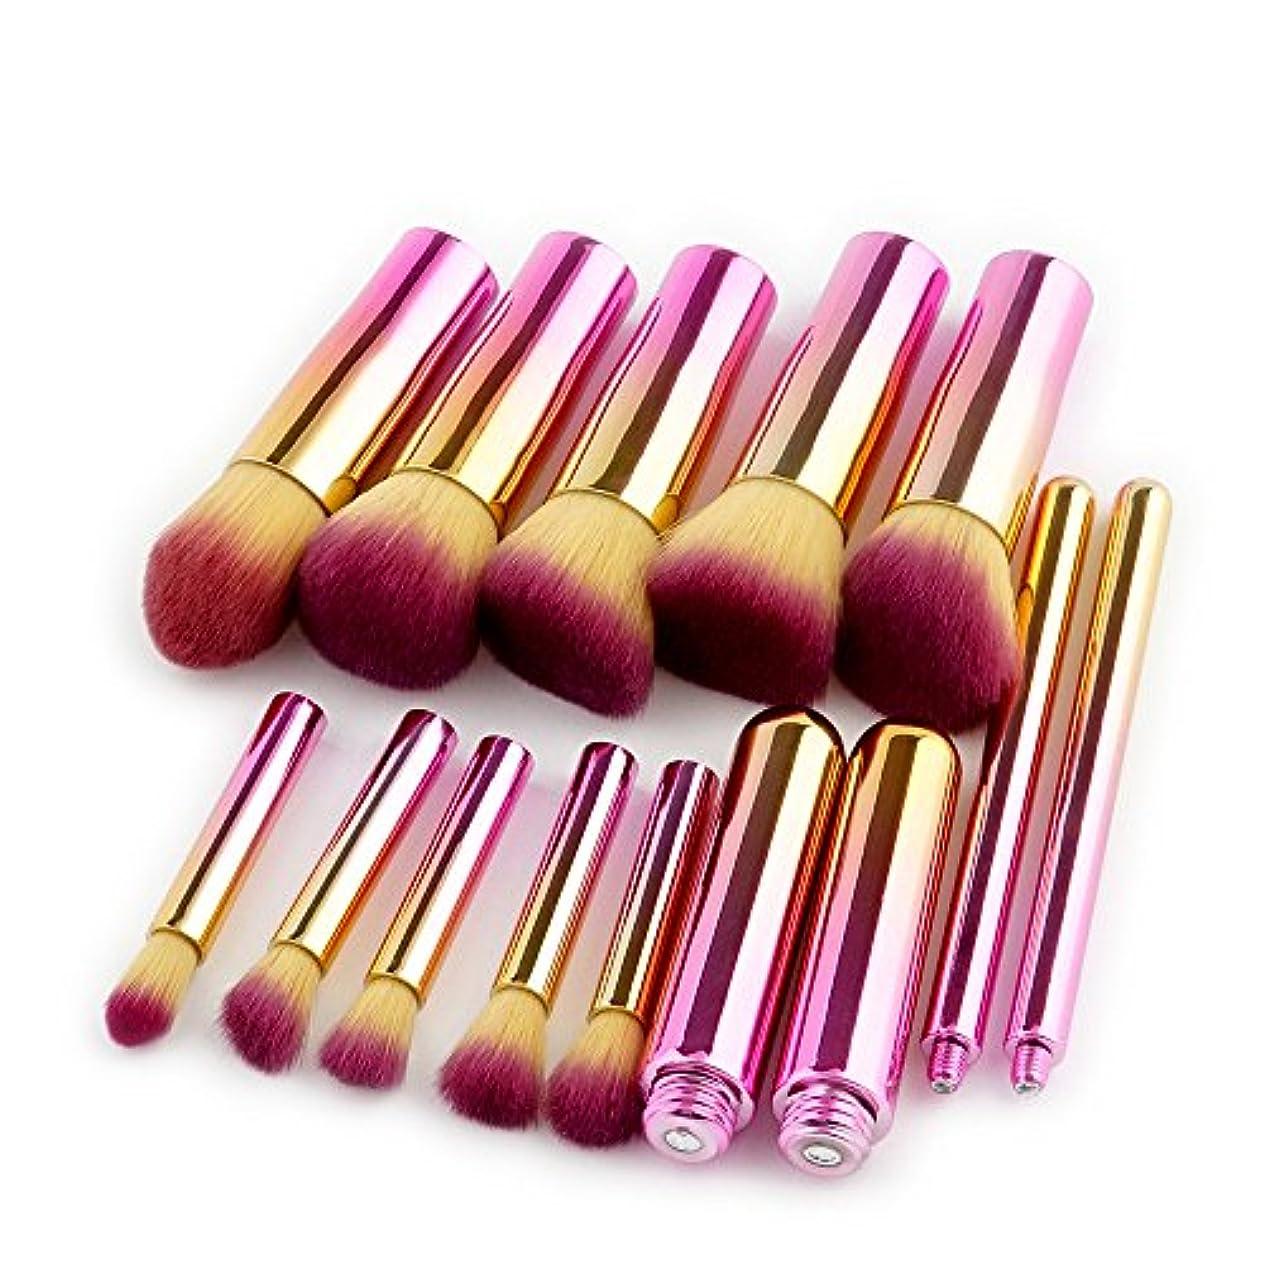 新鮮なヘッドレス二度(プタス)Putars メイクブラシ メイクブラシセット 10本セット ピンク 化粧ブラシ ふわふわ お肌に優しい 毛量たっぷり メイク道具 プレゼント